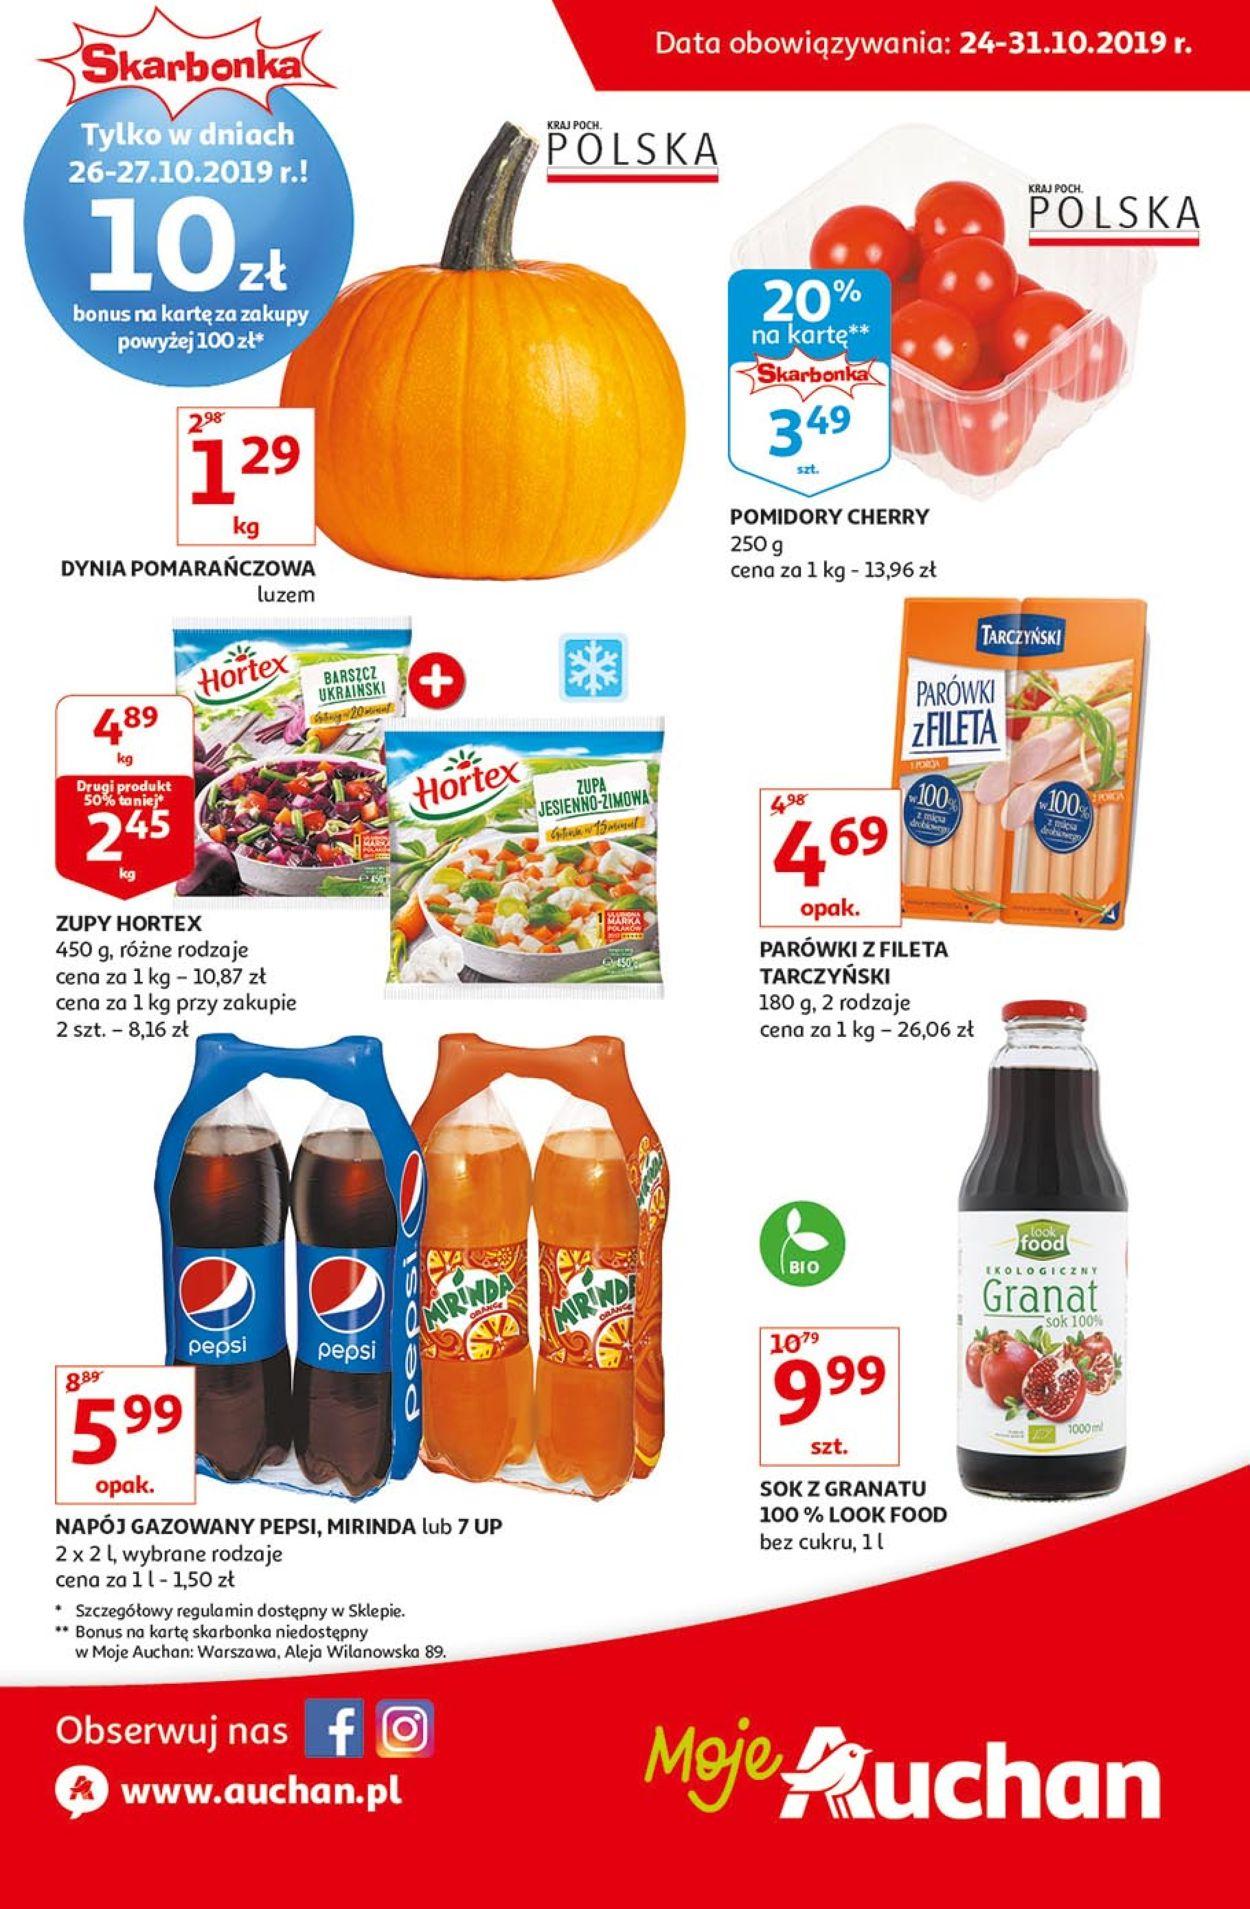 Gazetka promocyjna Auchan - 24.10-31.10.2019